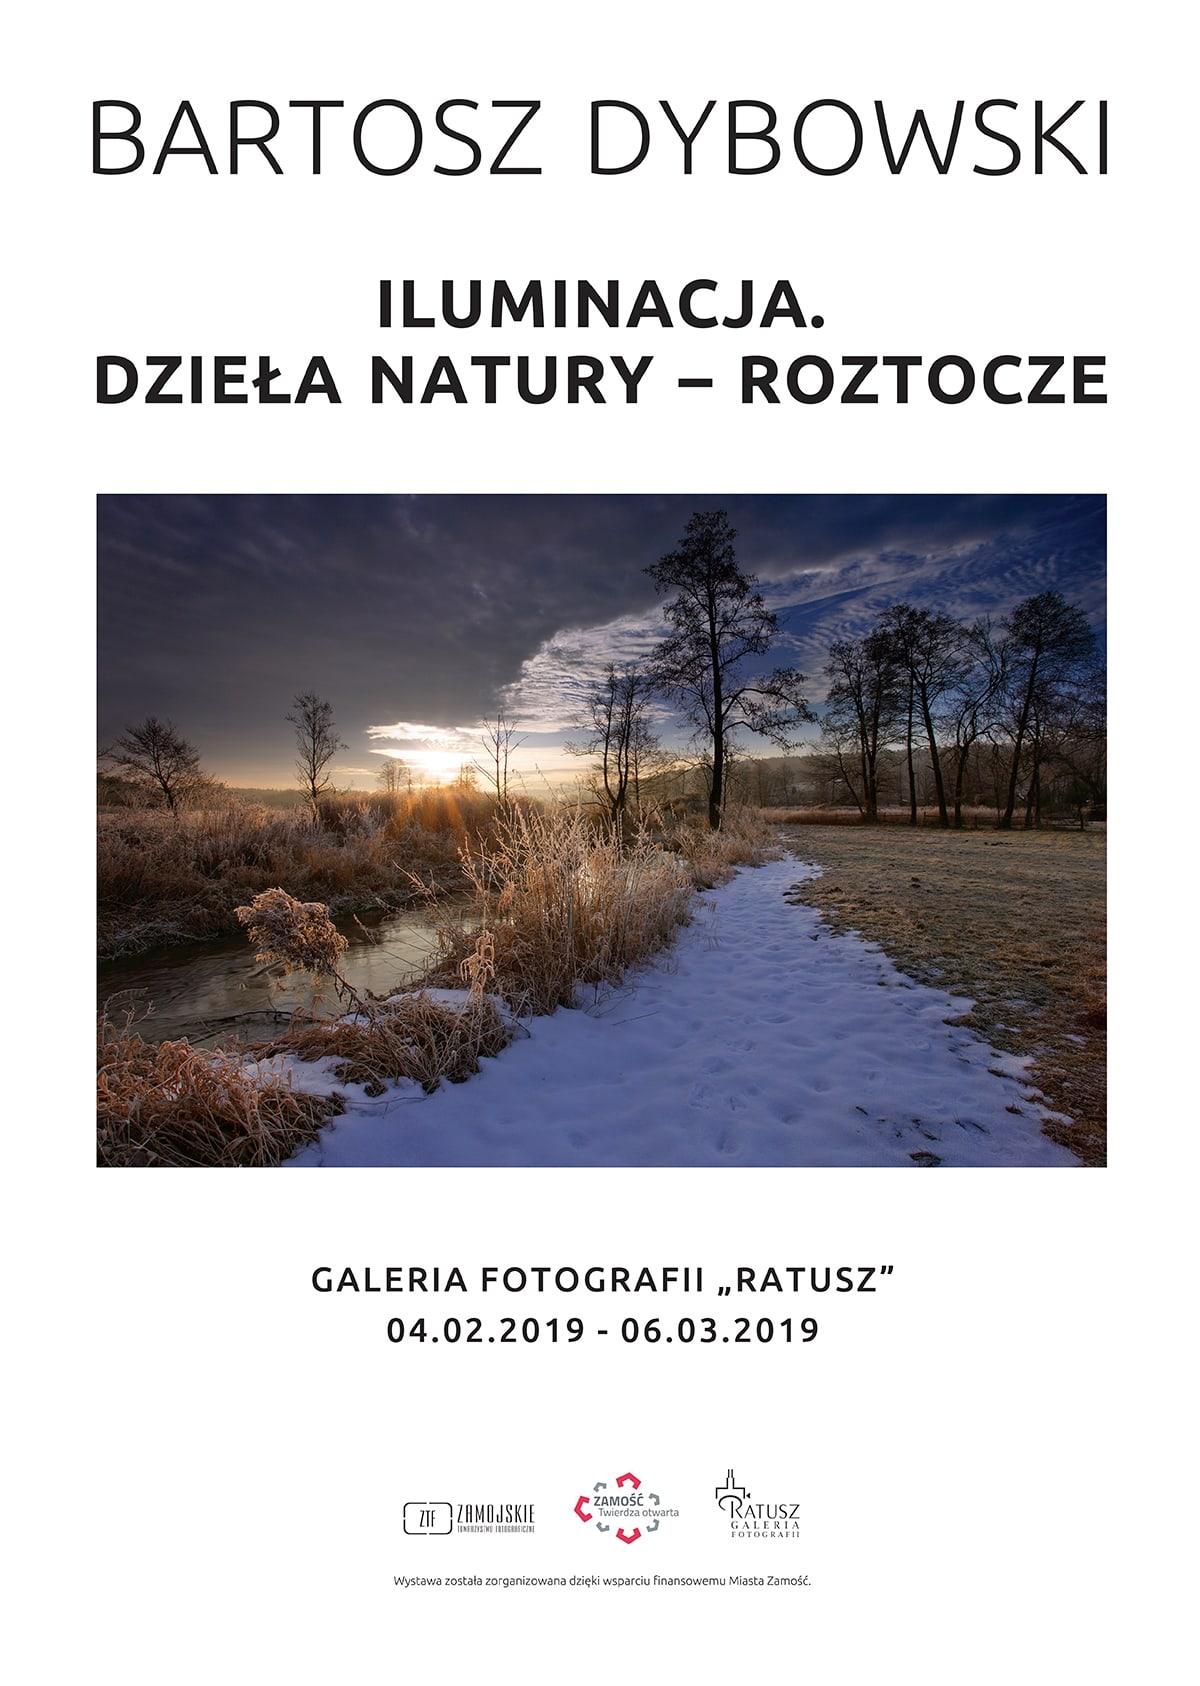 dybowski plakat web Zamość: Otwarcie wystawy fotografii Bartosza Dybowskiego pt.